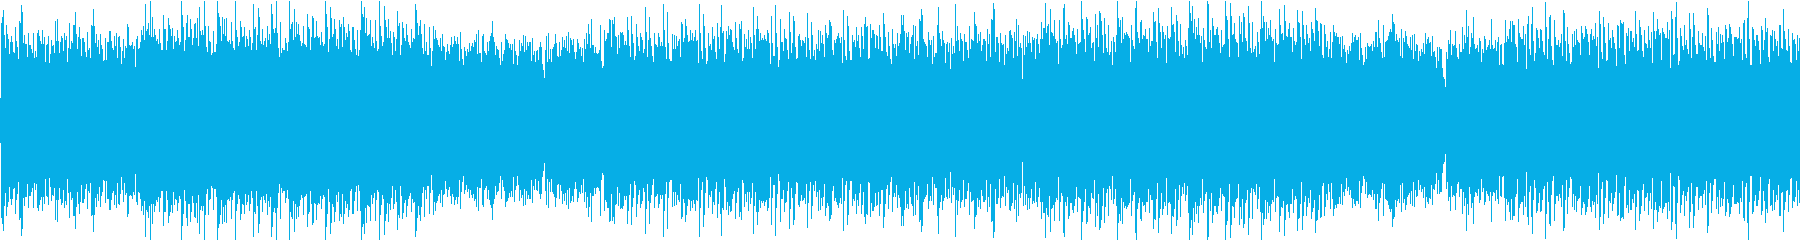 和風テイストの通常戦闘BGMの再生済みの波形